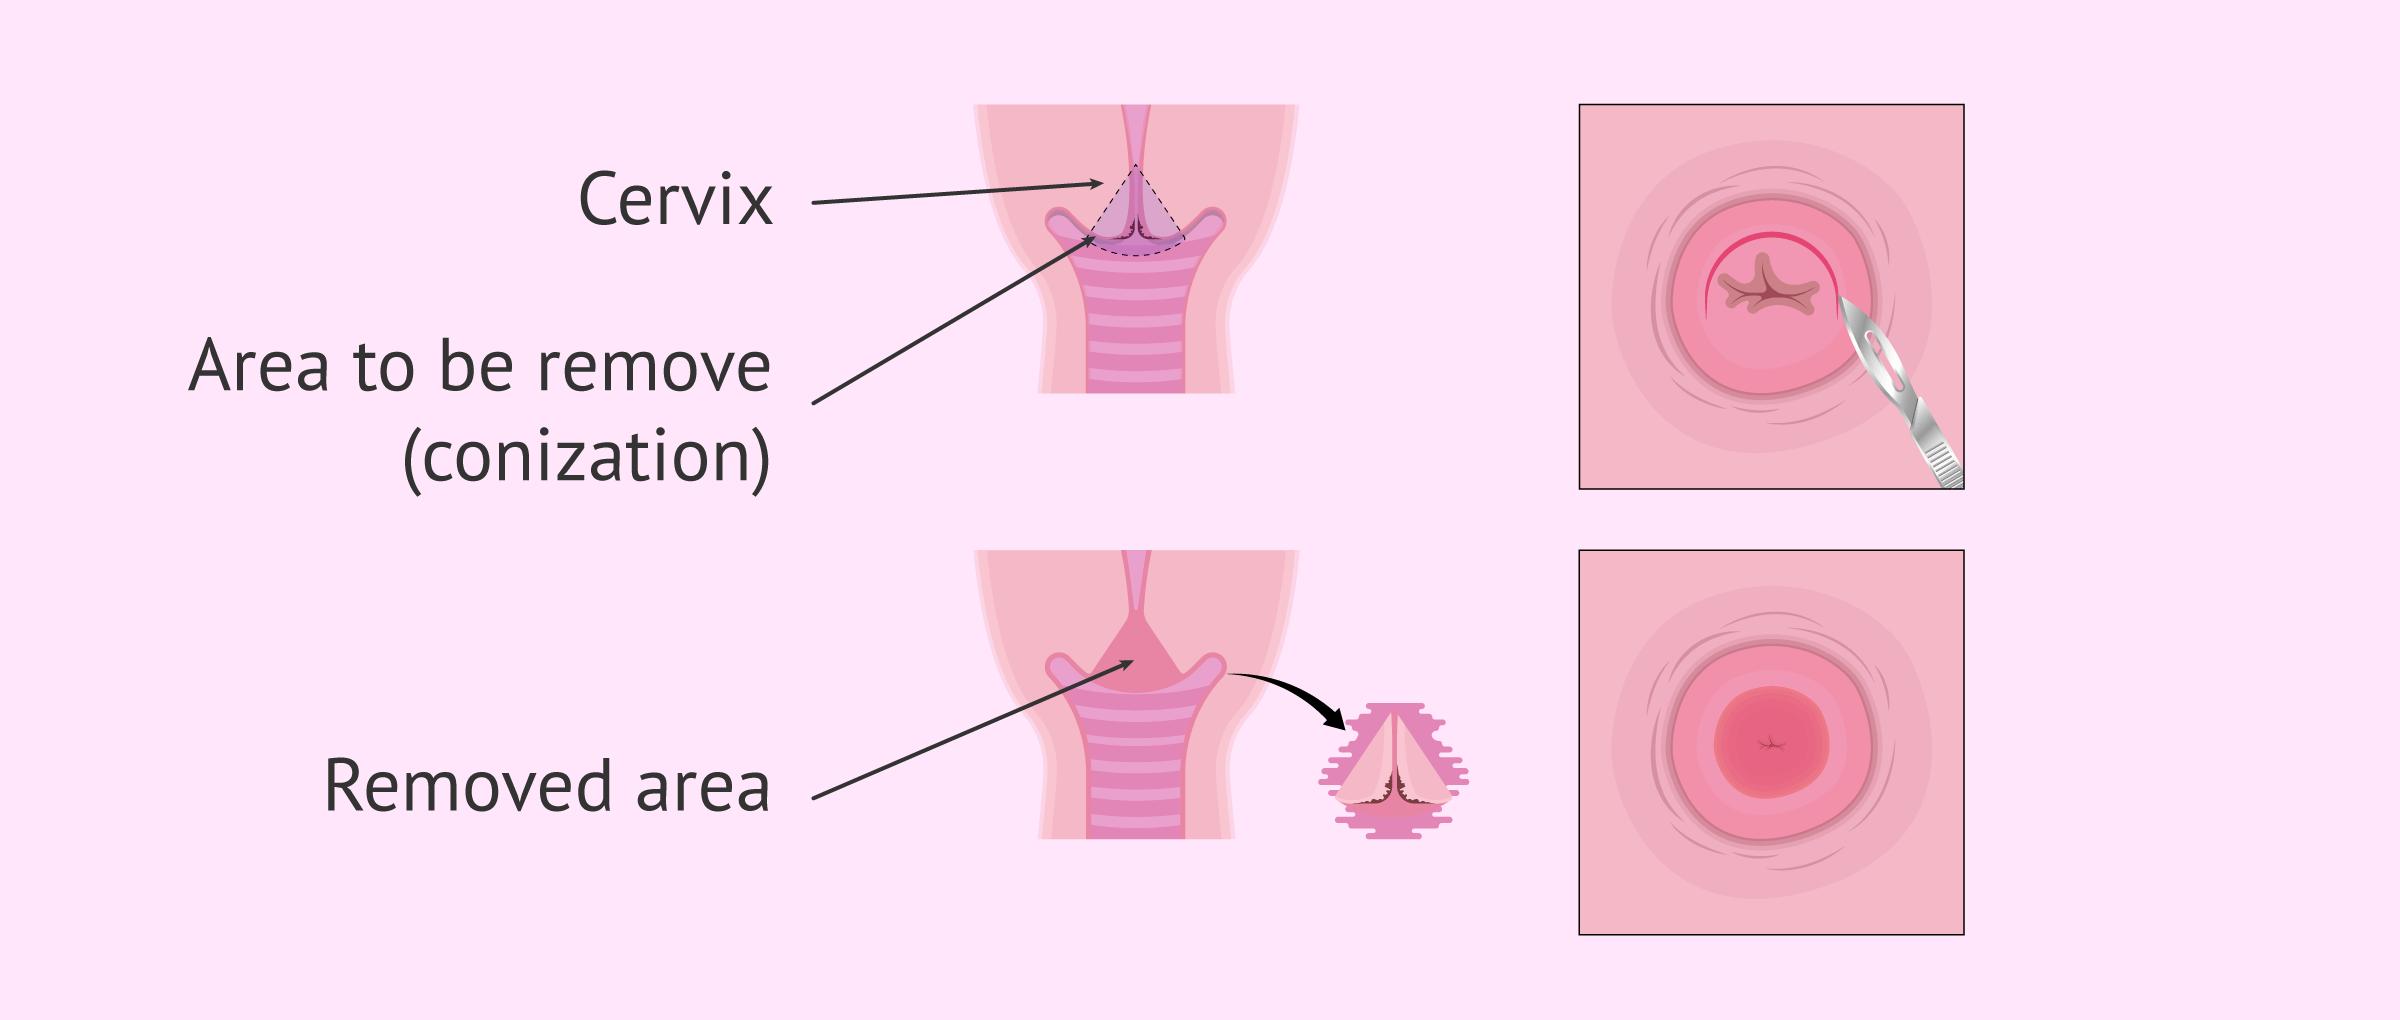 Cervix conization